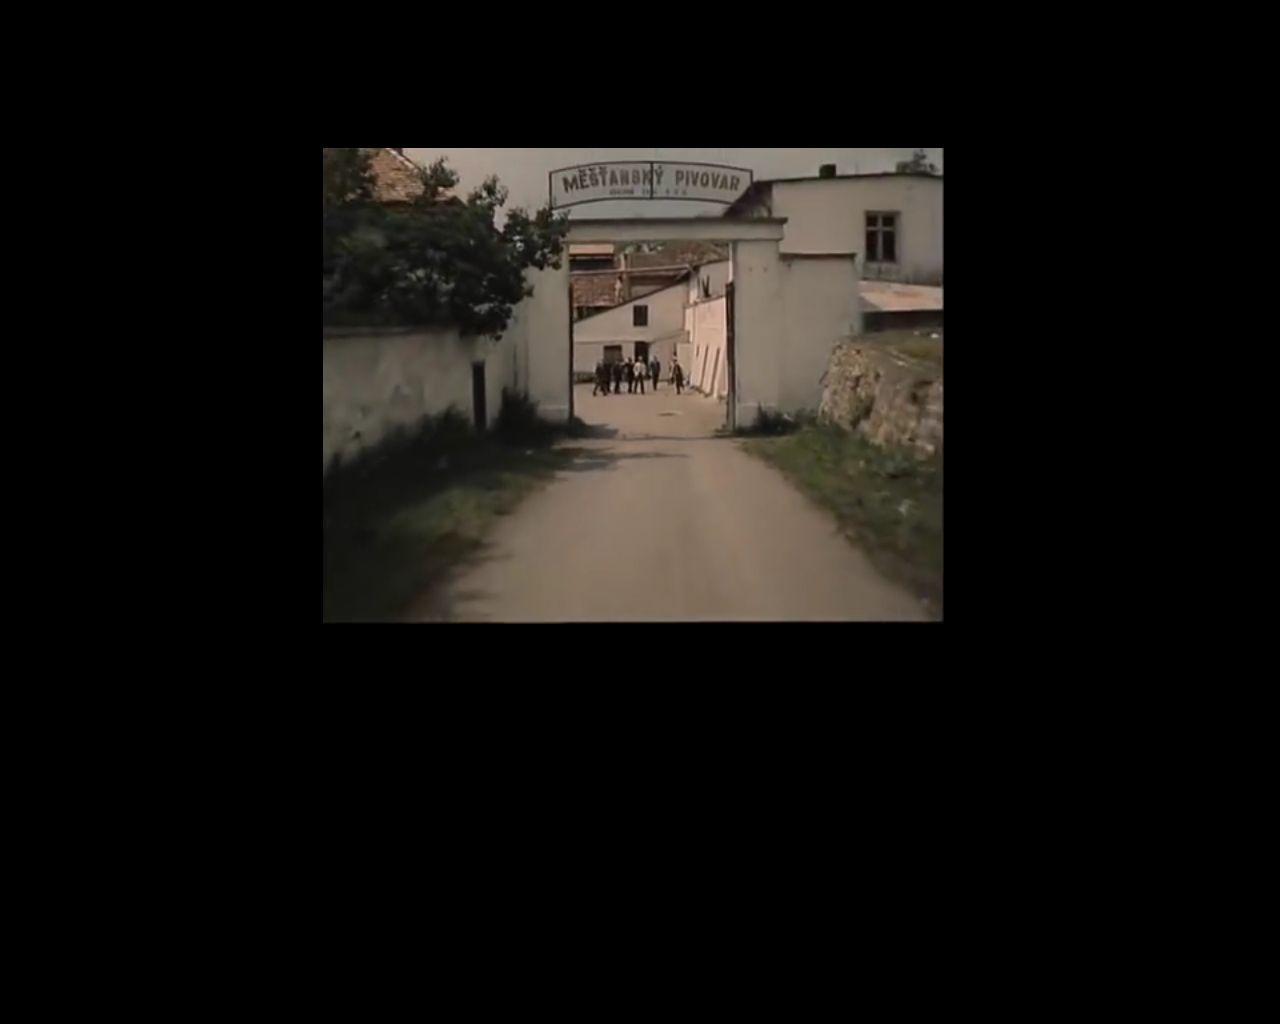 A sörfőzde bejárata a filmben